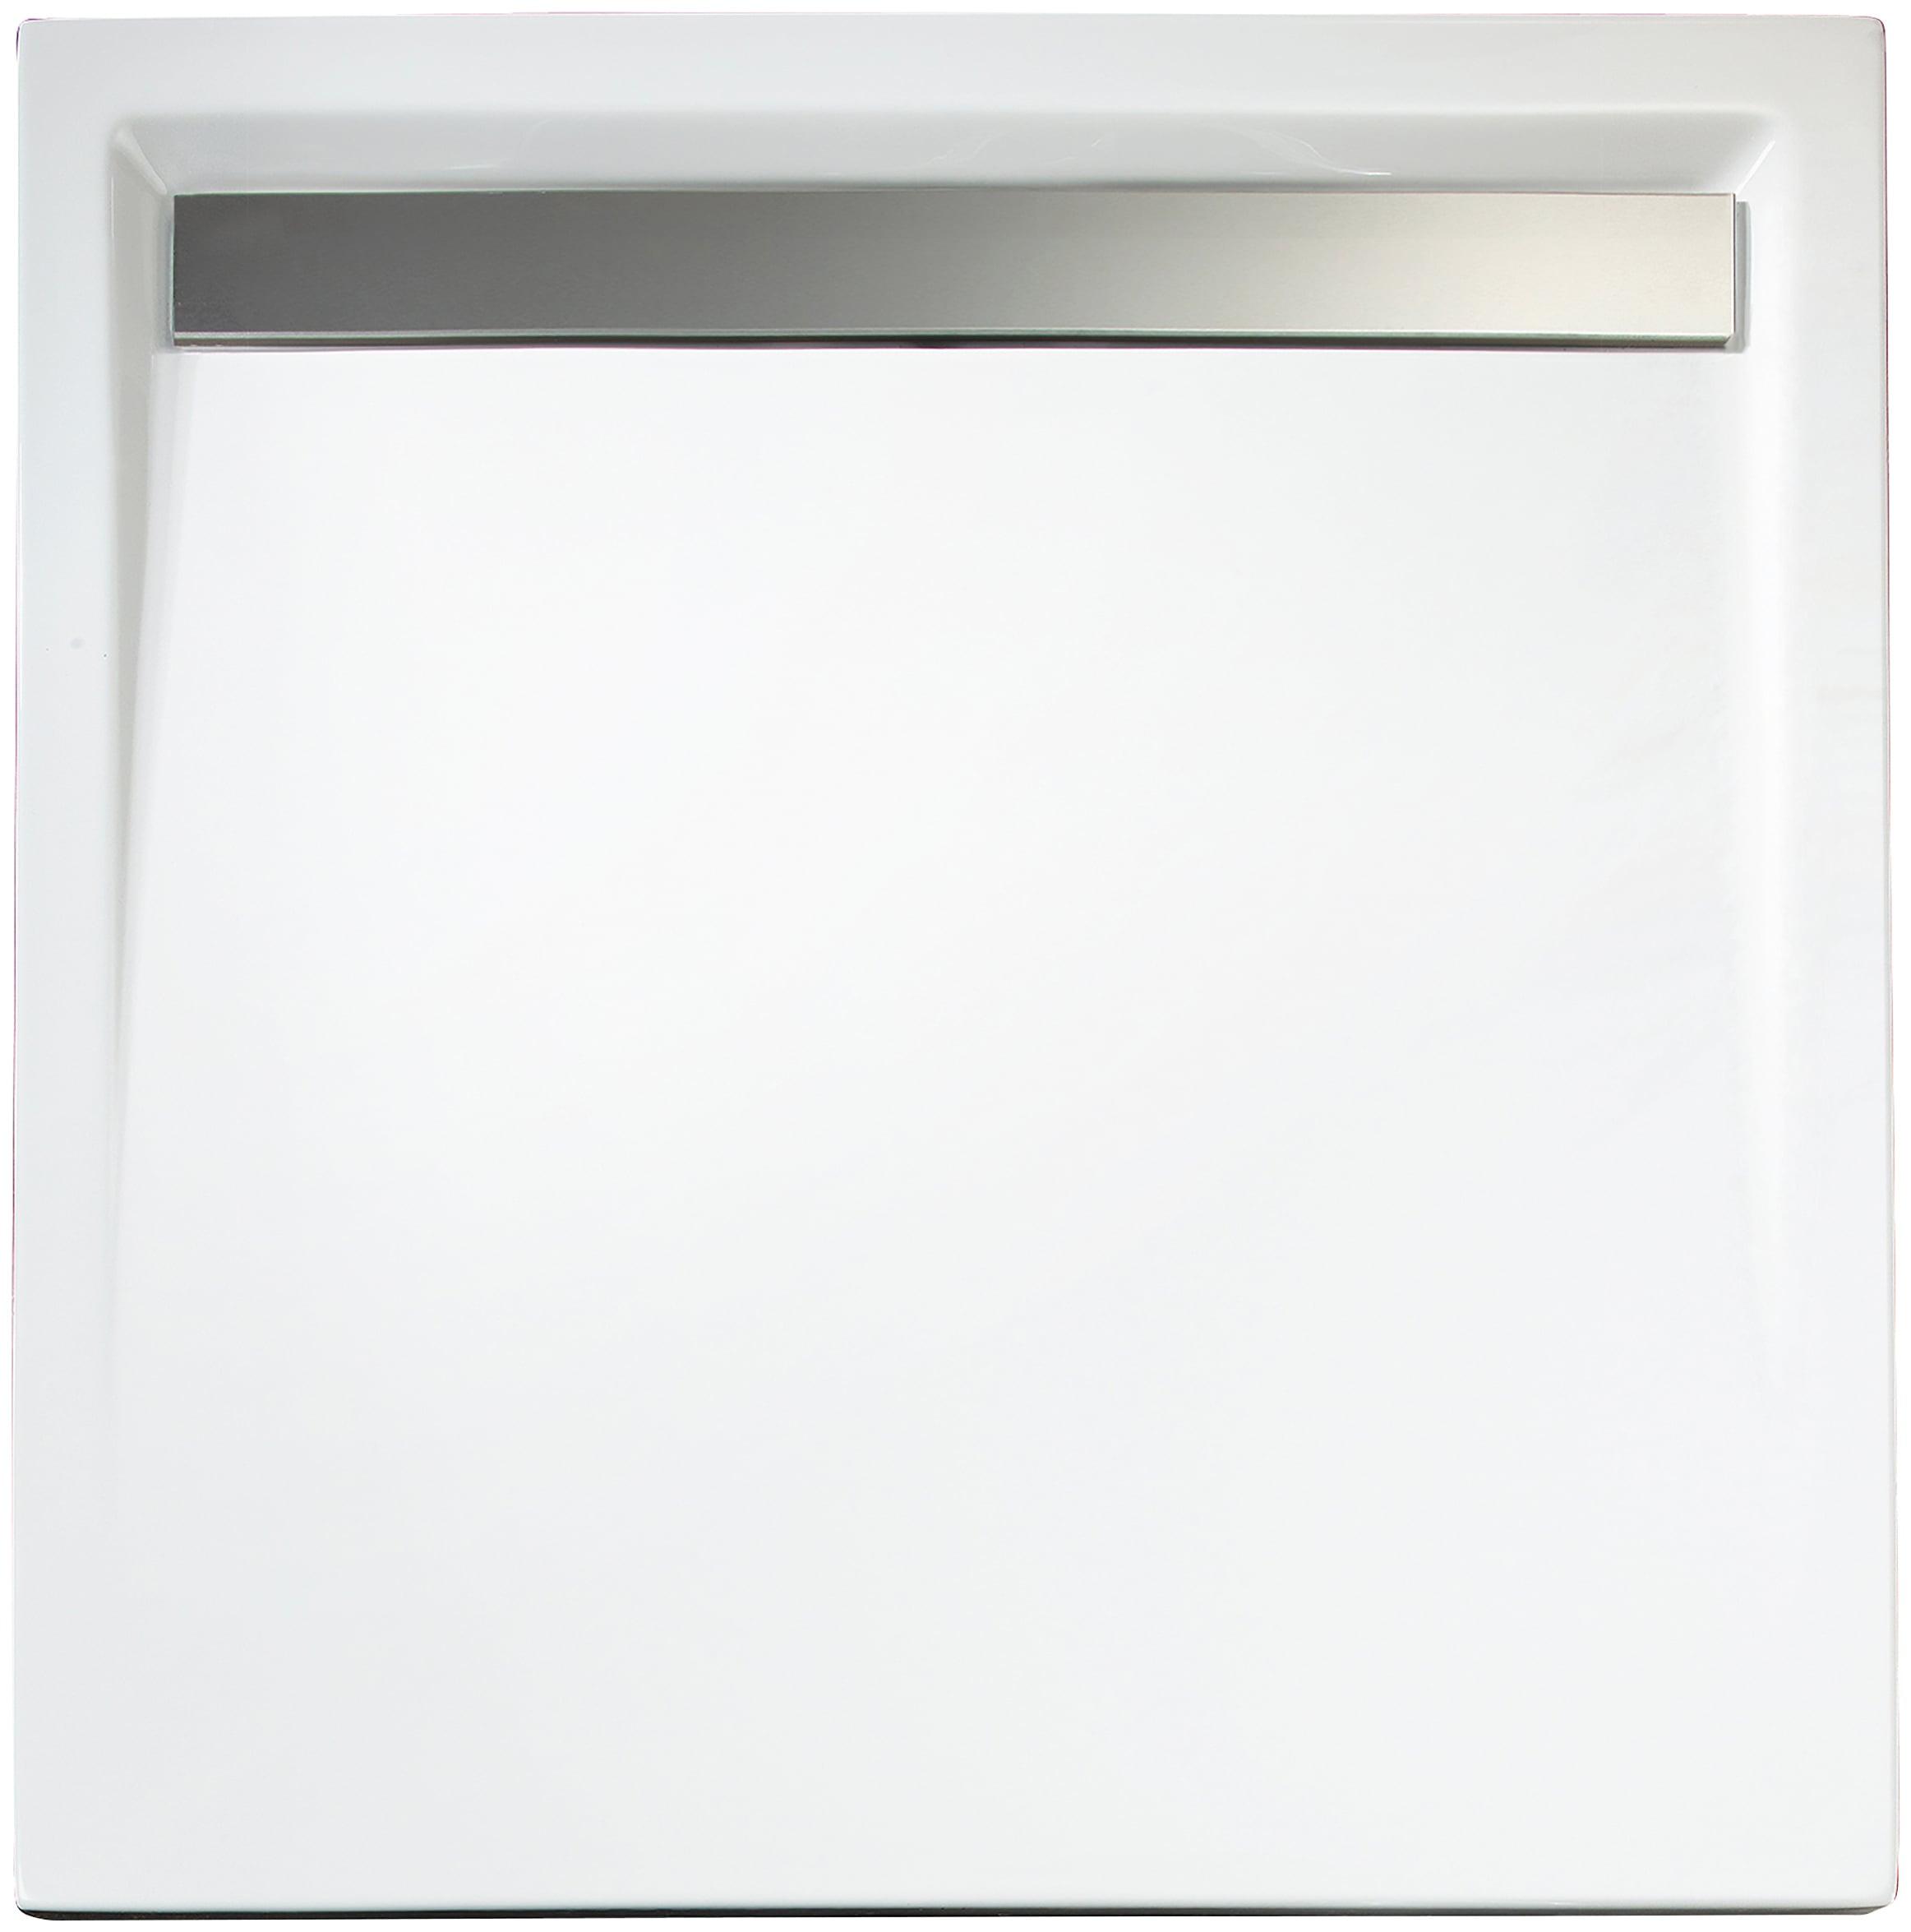 SCHULTE Set: Duschwanne »extra-flach«, rechteckig mit Rinne 90 x 100 cm | Bad > Duschen > Duschwannen | SCHULTE